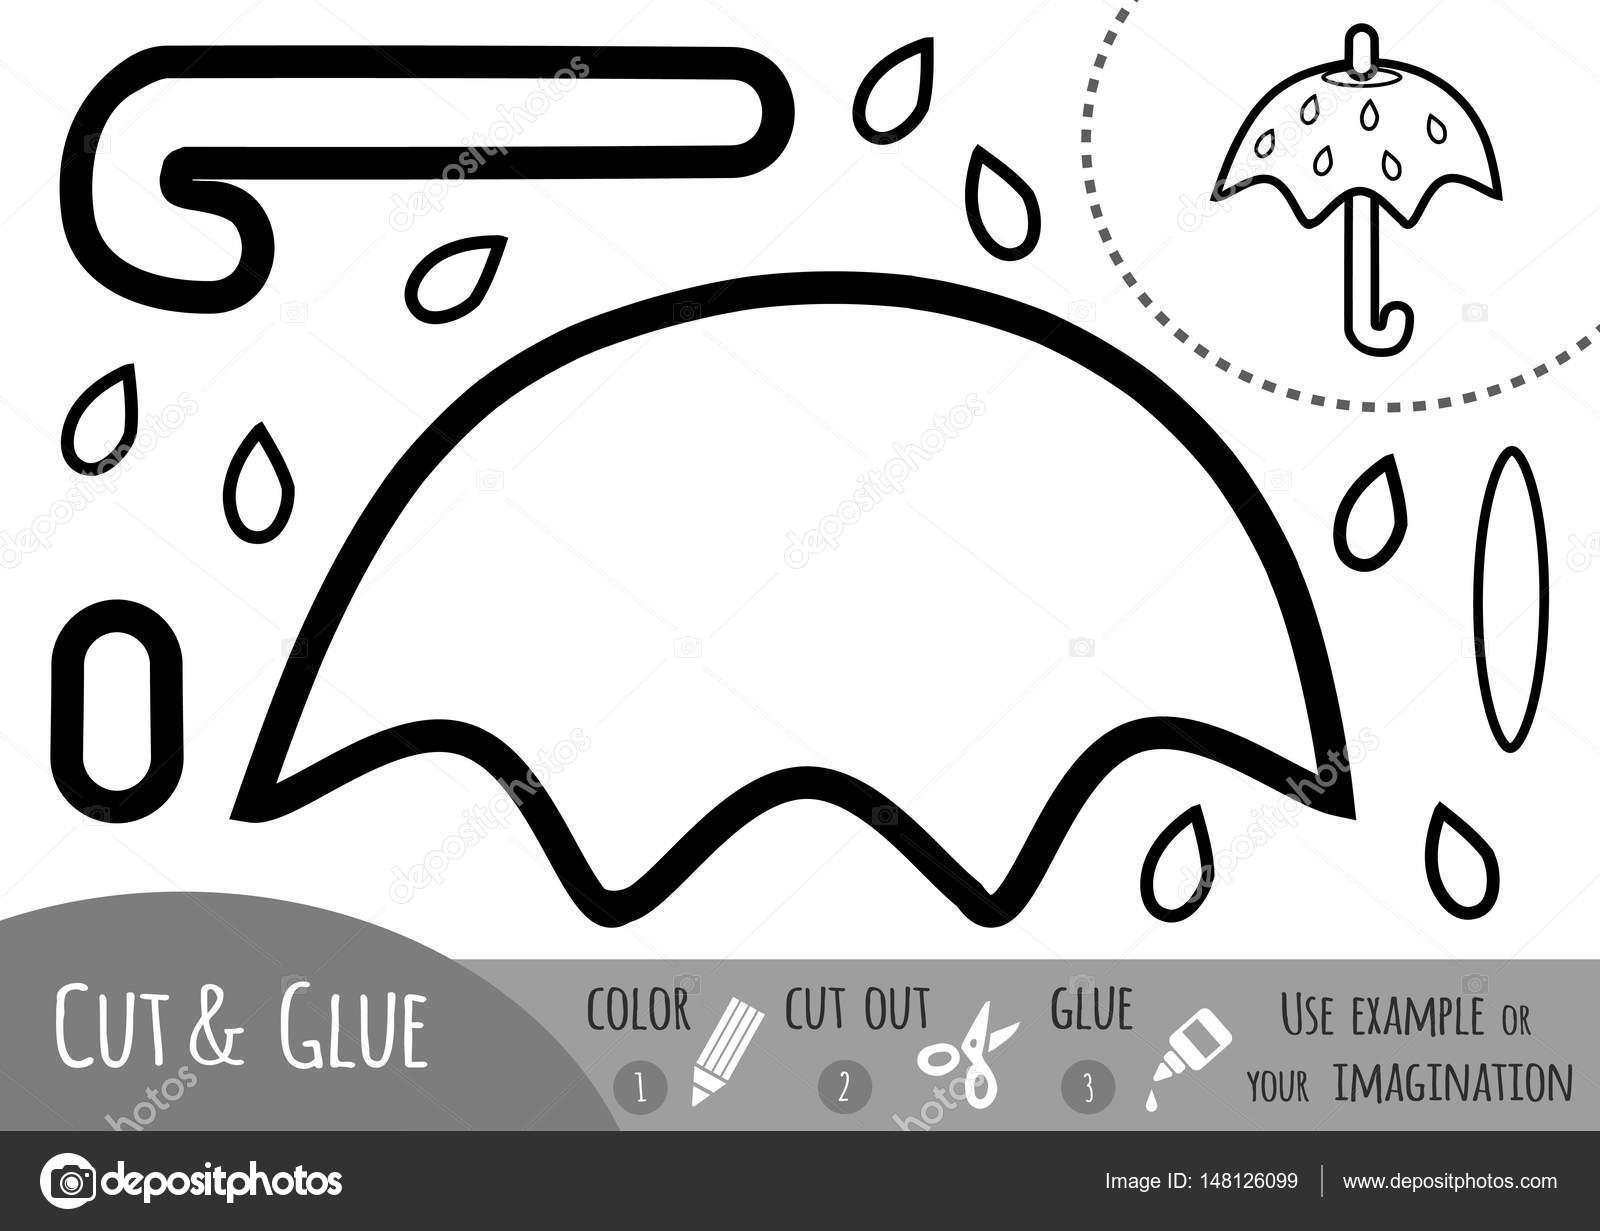 Eğitim Kağıt şemsiye çocuklar Için Oyun Stok Vektör